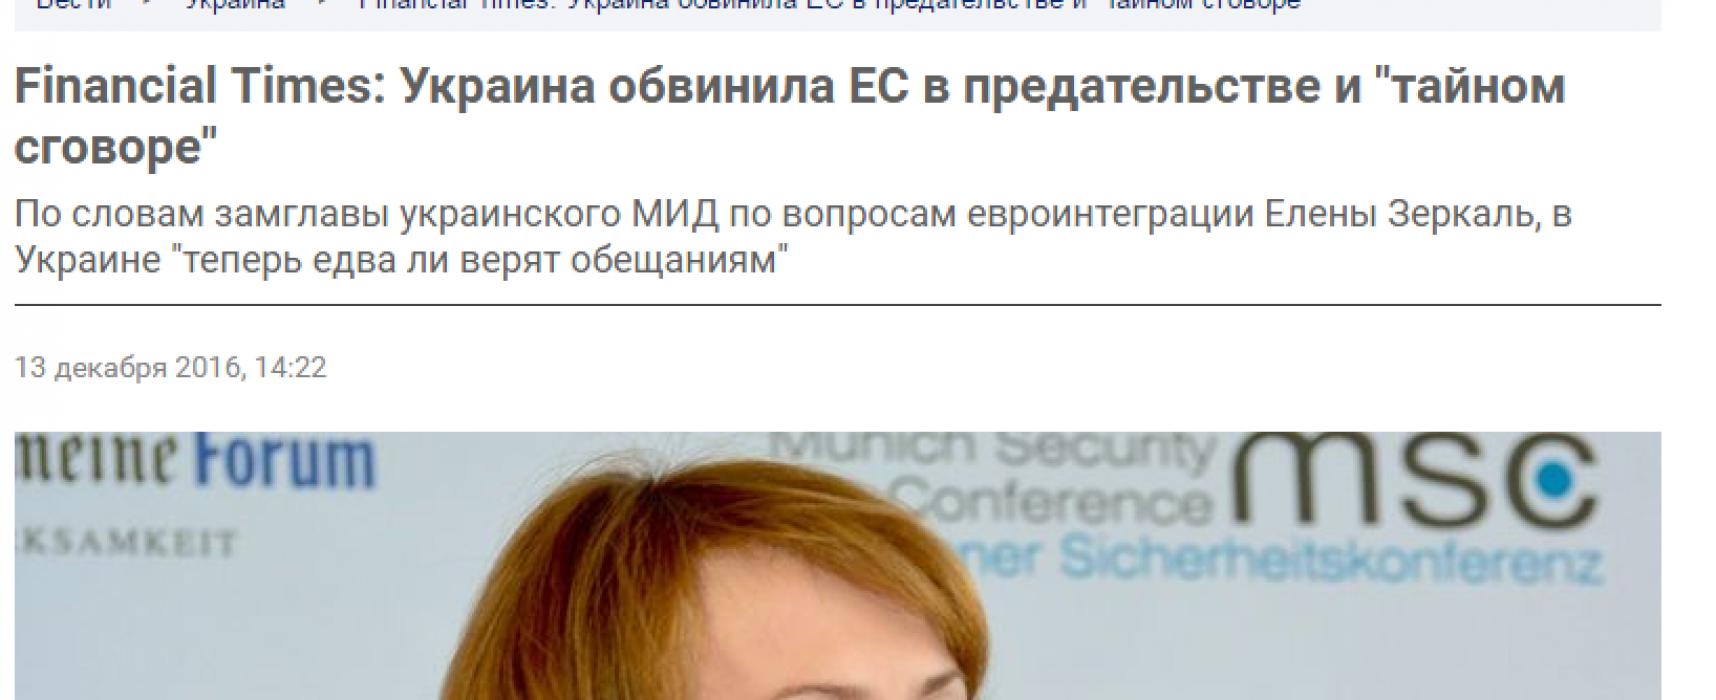 Fake: Das ukrainische Außenministerium beschuldigt EU des Verrats